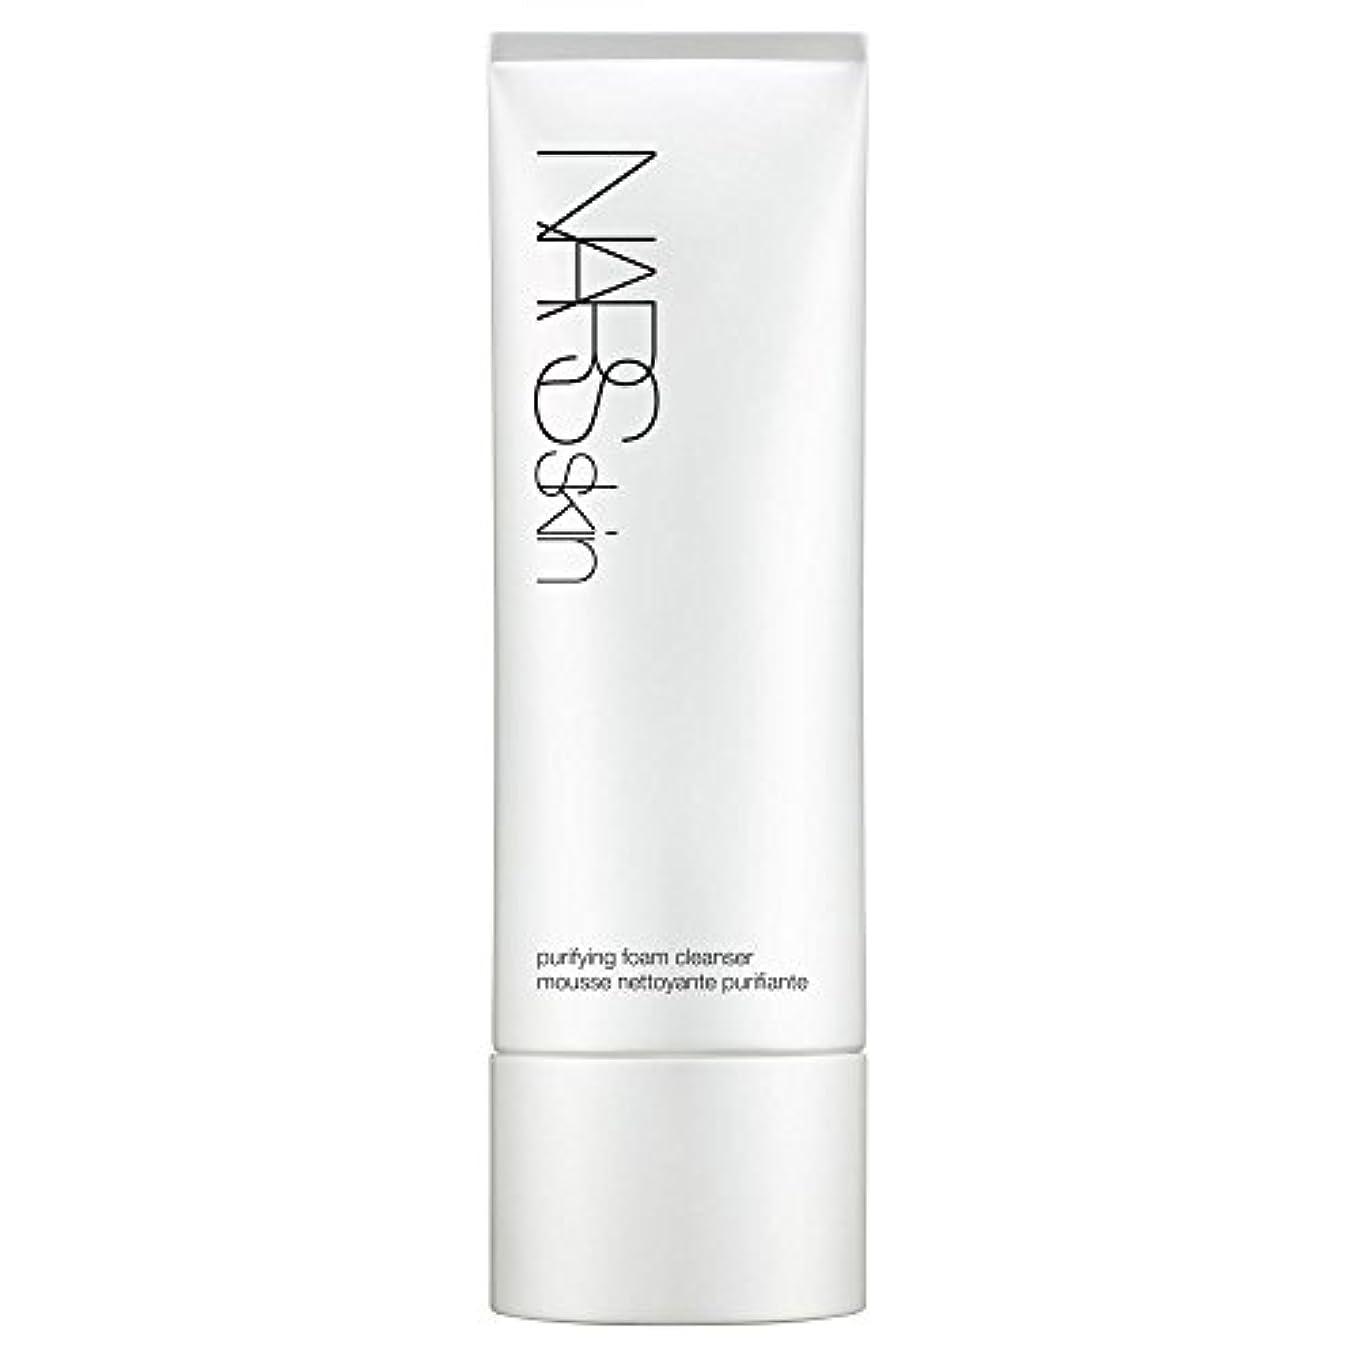 フェデレーション扇動有罪[NARS] 125ミリリットルNarsskin浄化泡洗顔料、 - Narsskin Purifying Foam Cleanser, 125ml [並行輸入品]